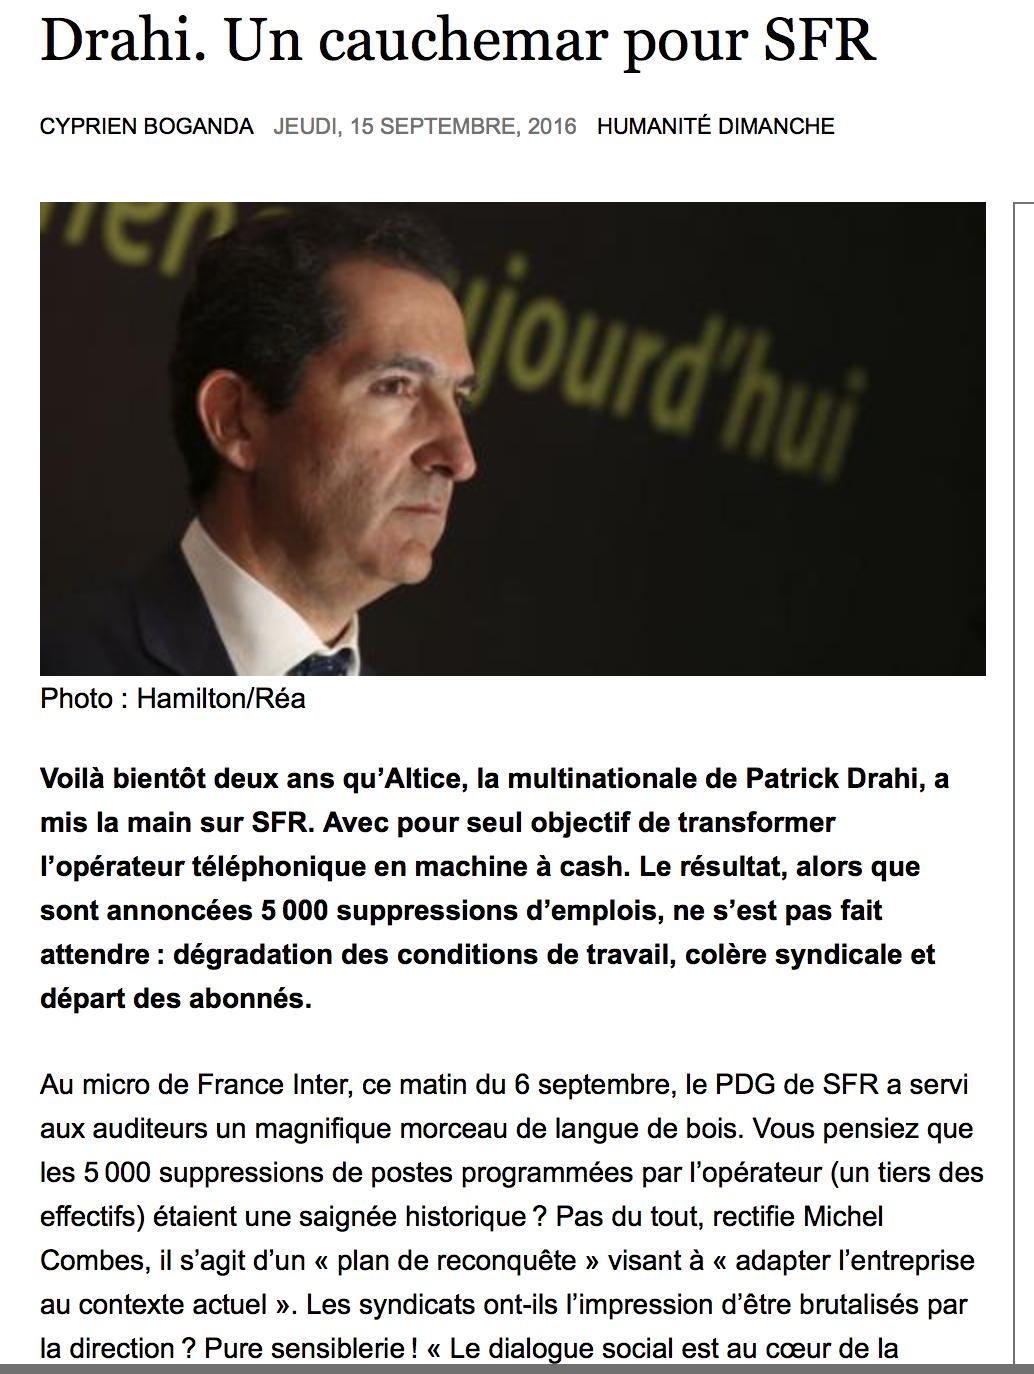 C'est bien Macron qui a permis le rachat de SFR par Drahi, 6ème fortune française…